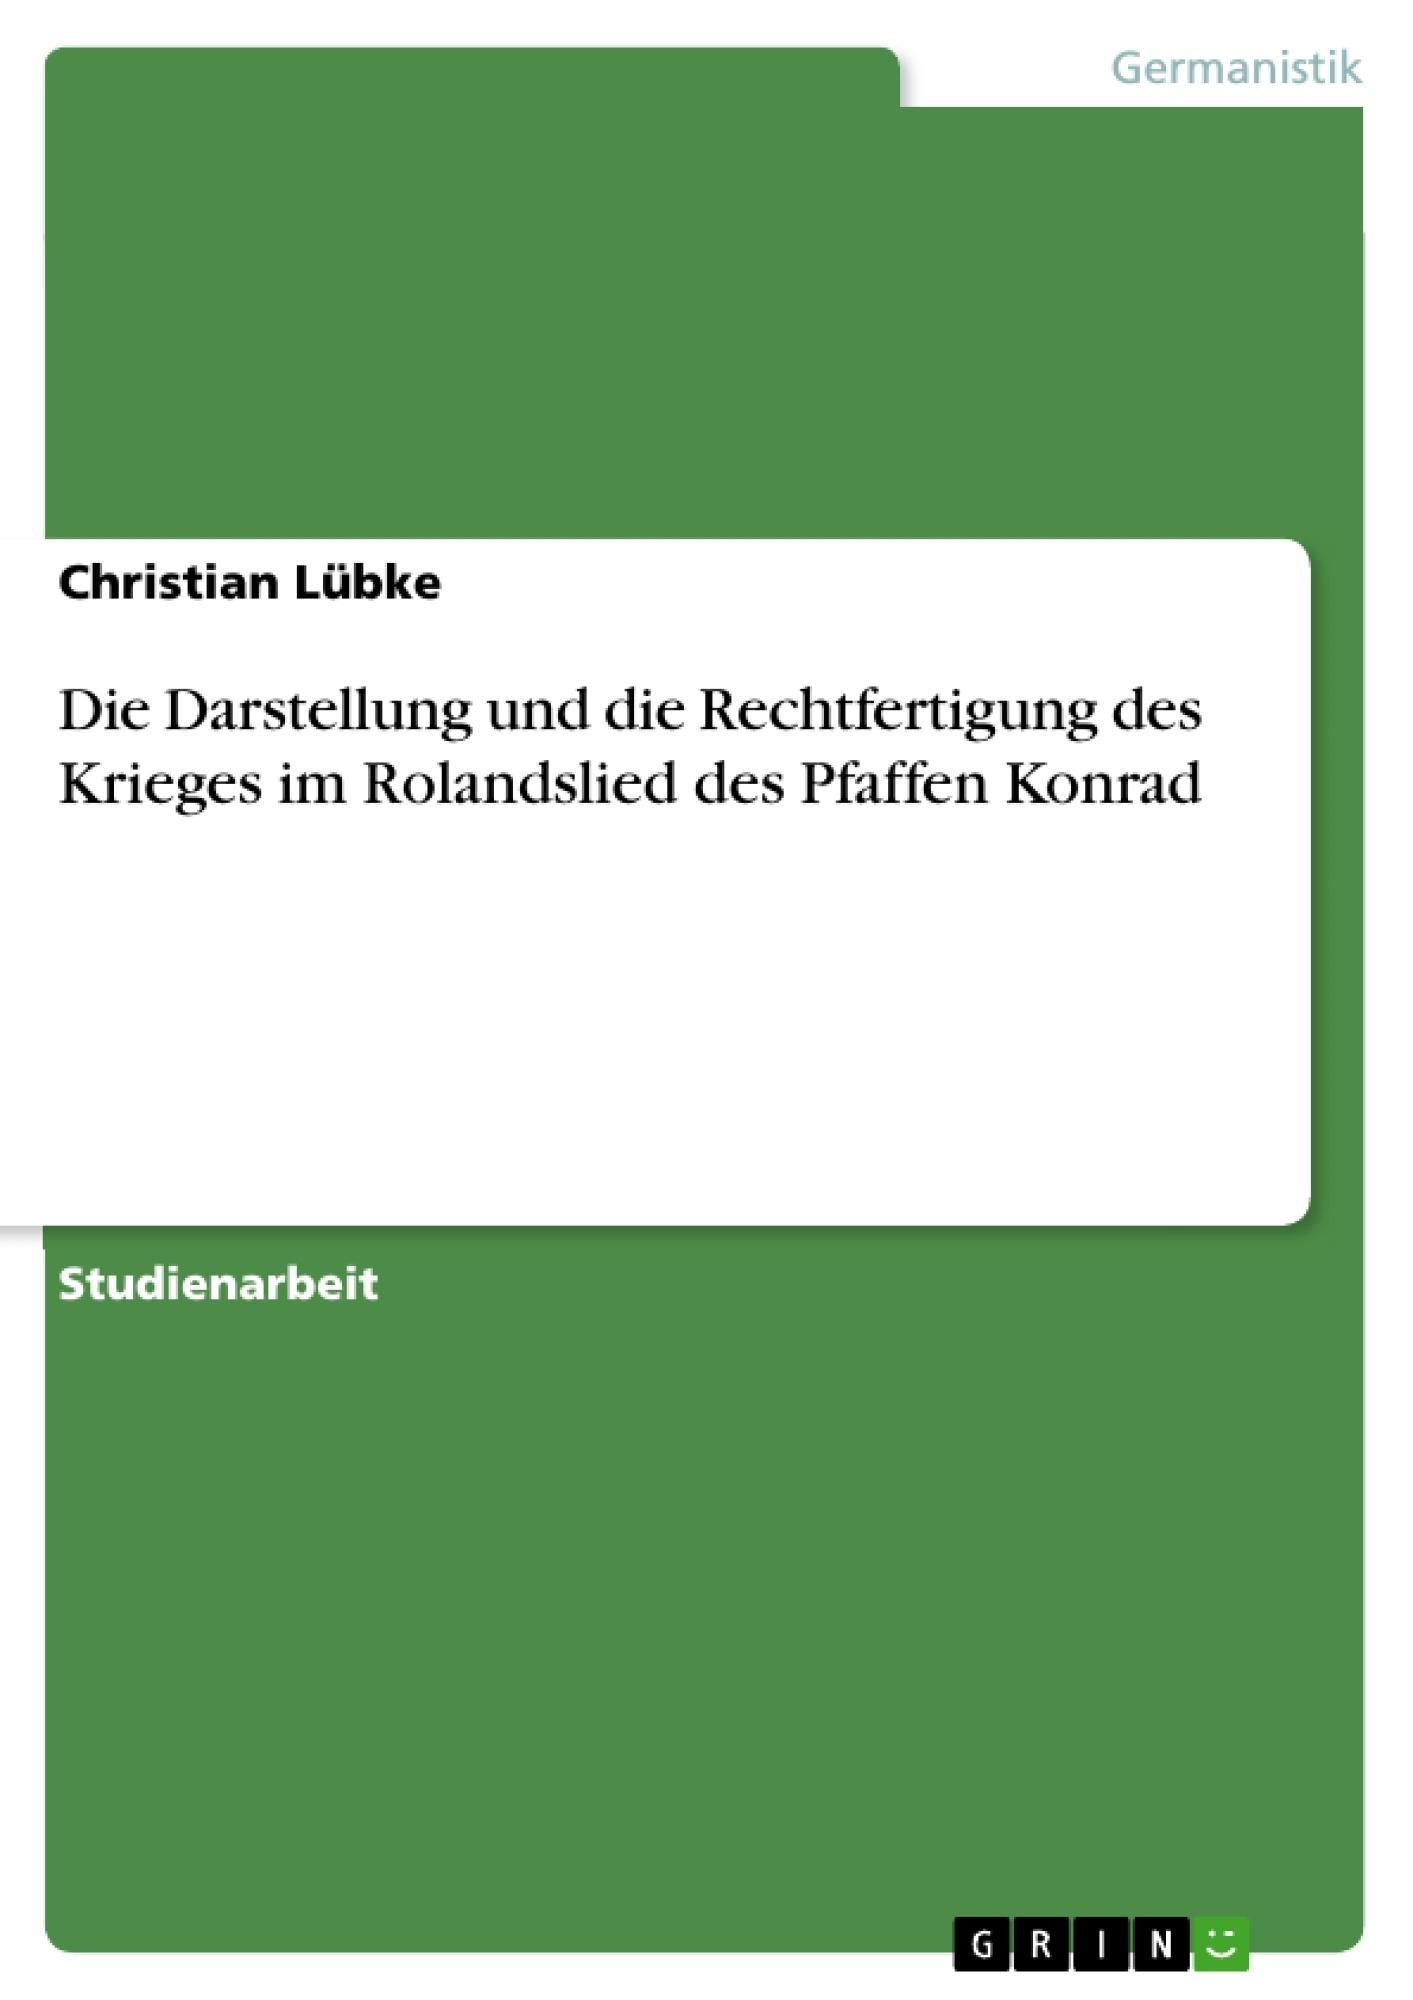 Titel: Die Darstellung und die Rechtfertigung des Krieges im Rolandslied des Pfaffen Konrad